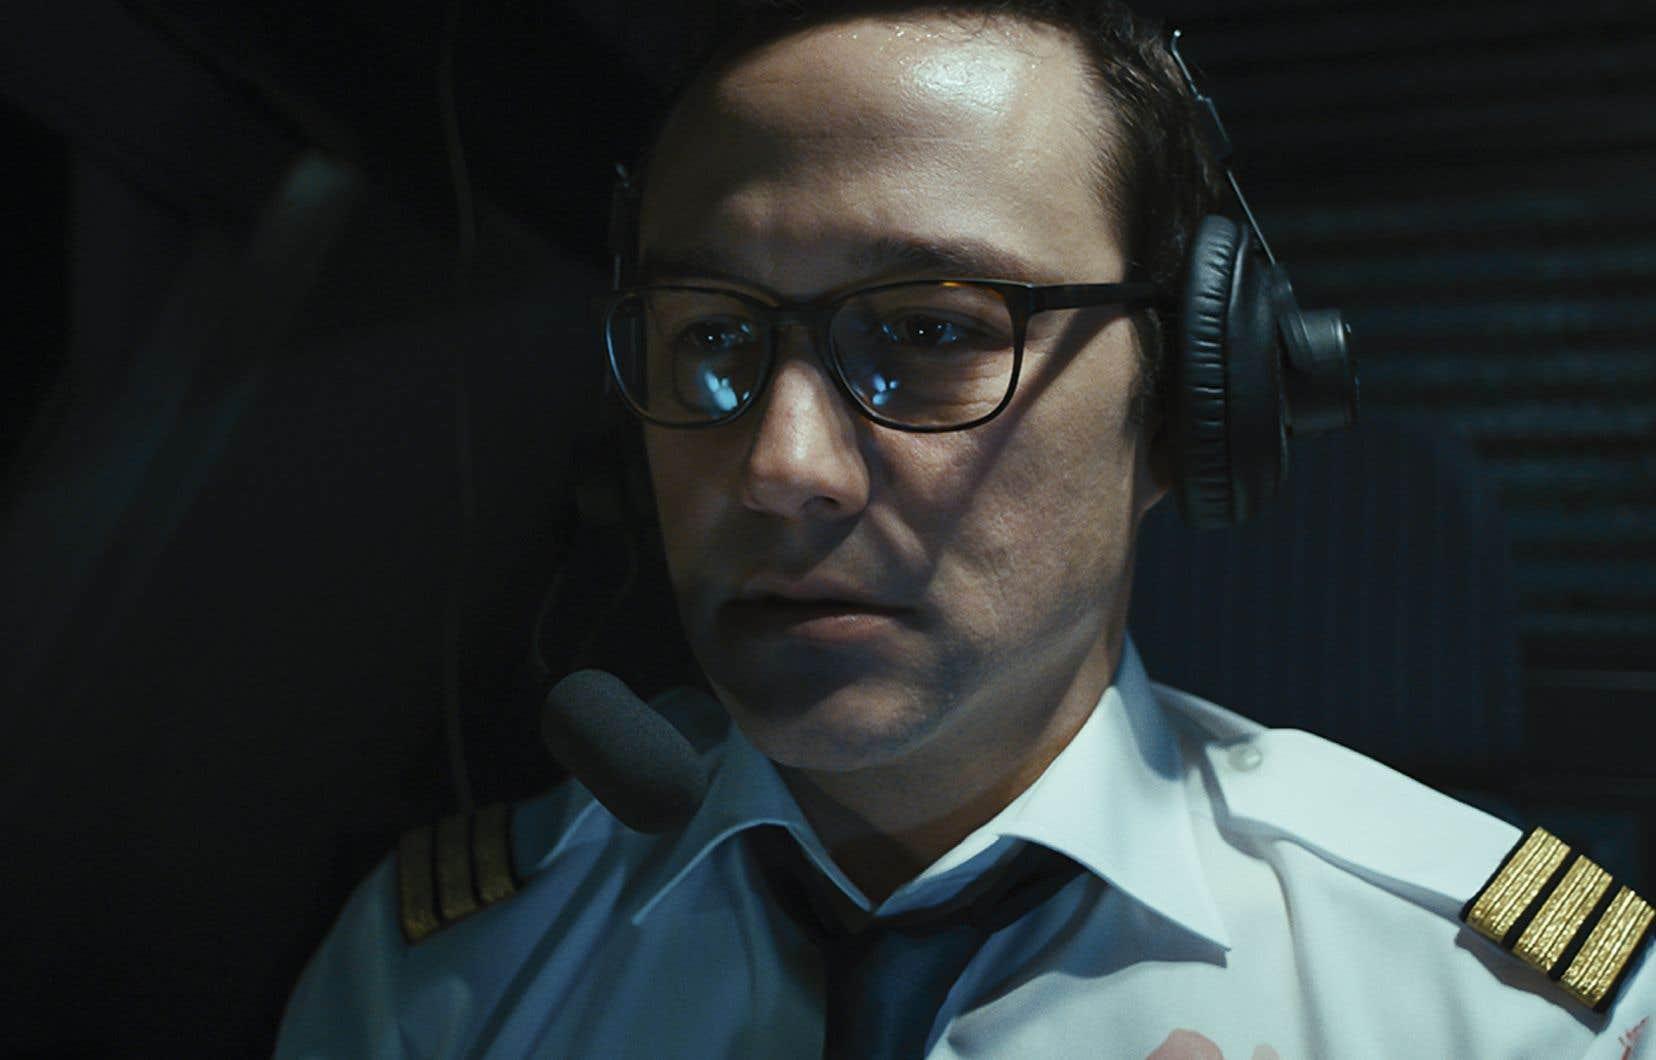 «7500» présente une prise d'otages à bord d'un avion du point de vue d'un copilote isolé dans son cockpit.